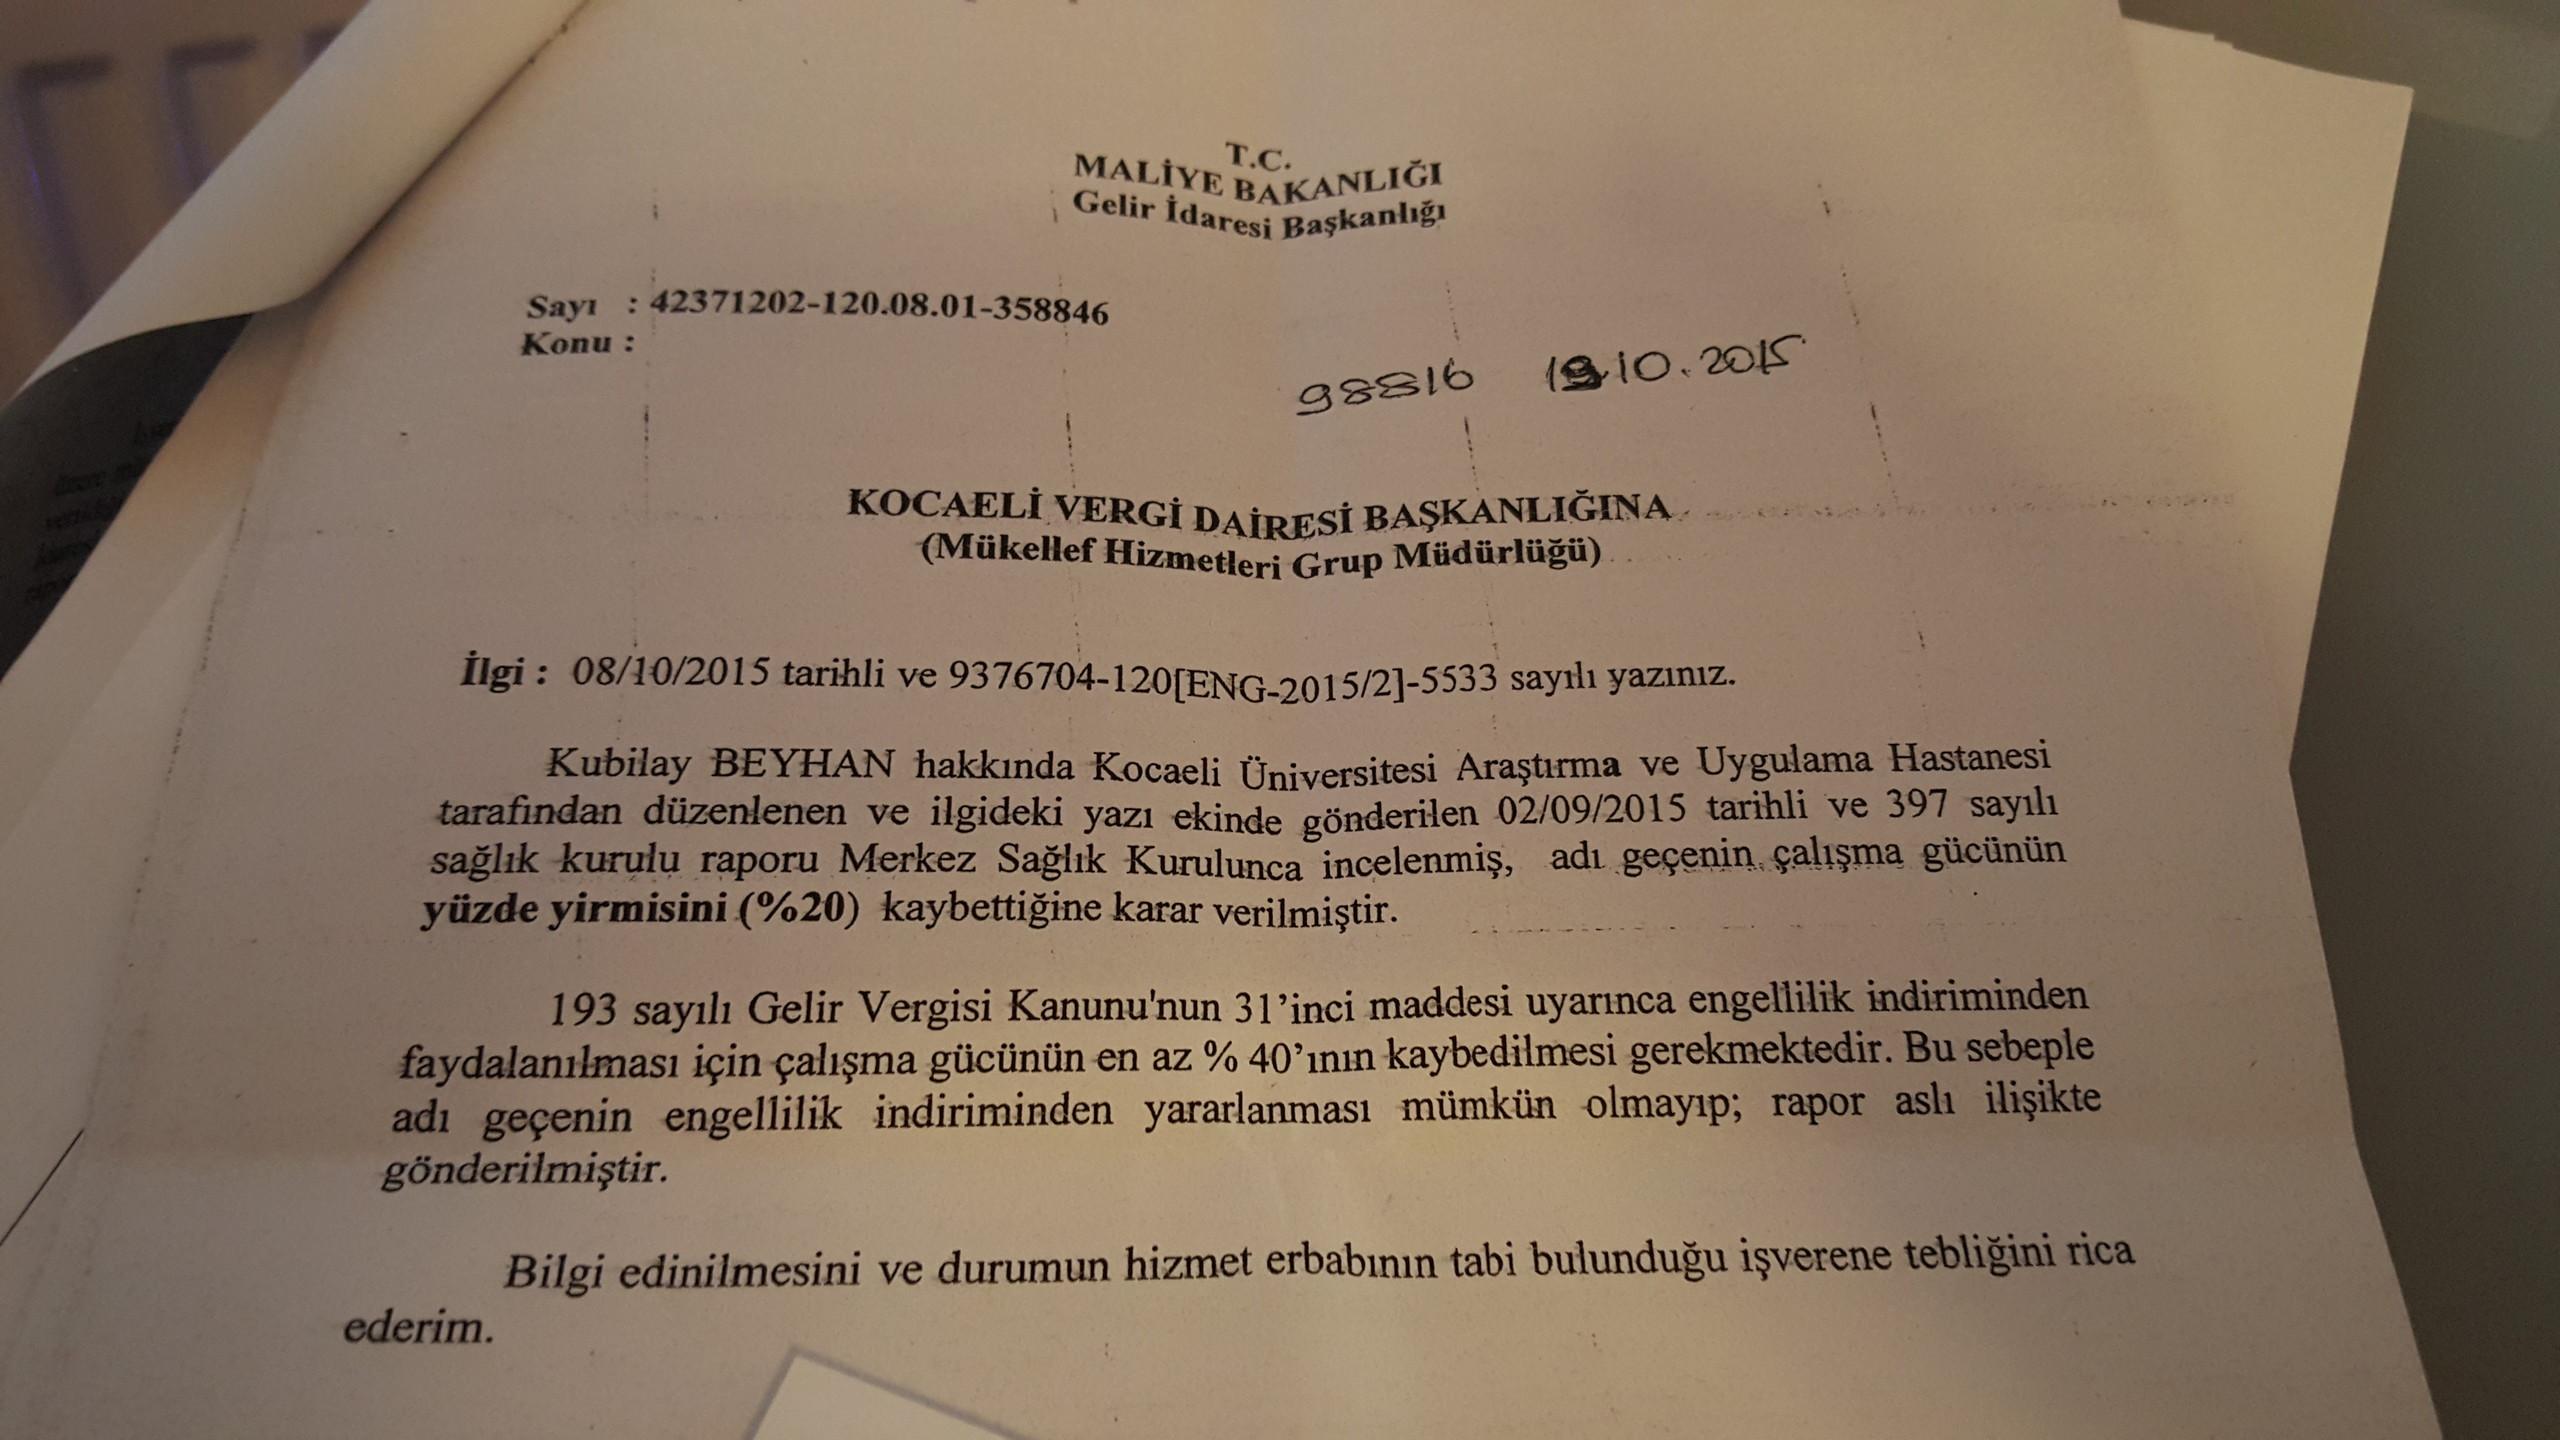 ZQnvrA - Ankara Maliye'de  raporum  düşürüldü! Ne  yapabilirim?